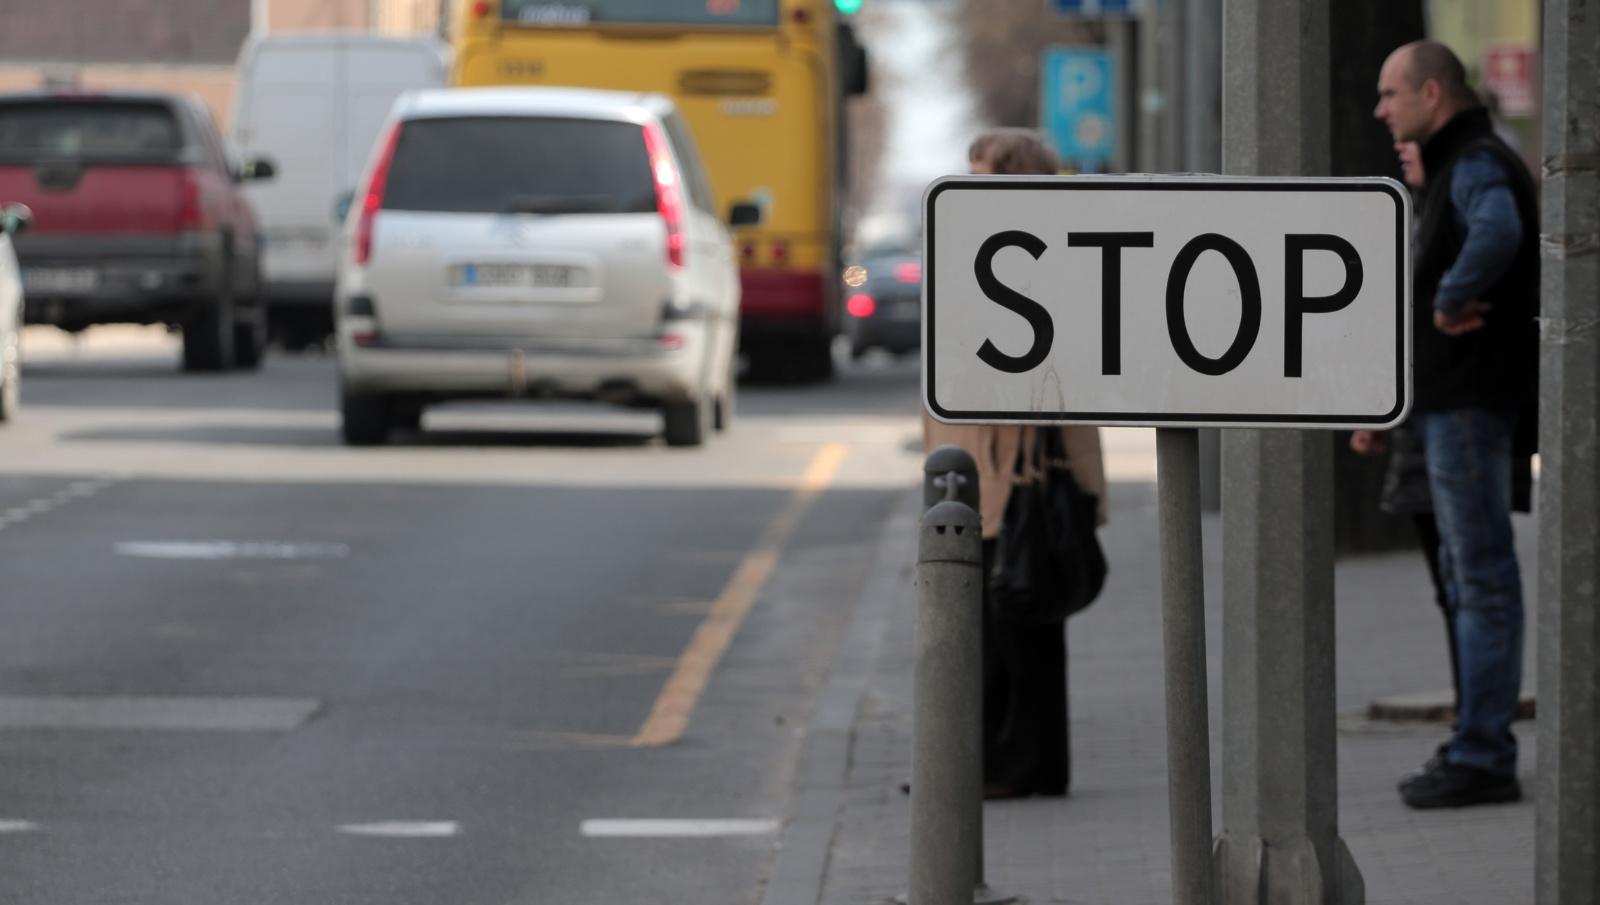 Seimas patikslino baudas už įvažiavimą į priešpriešinio eismo juostą